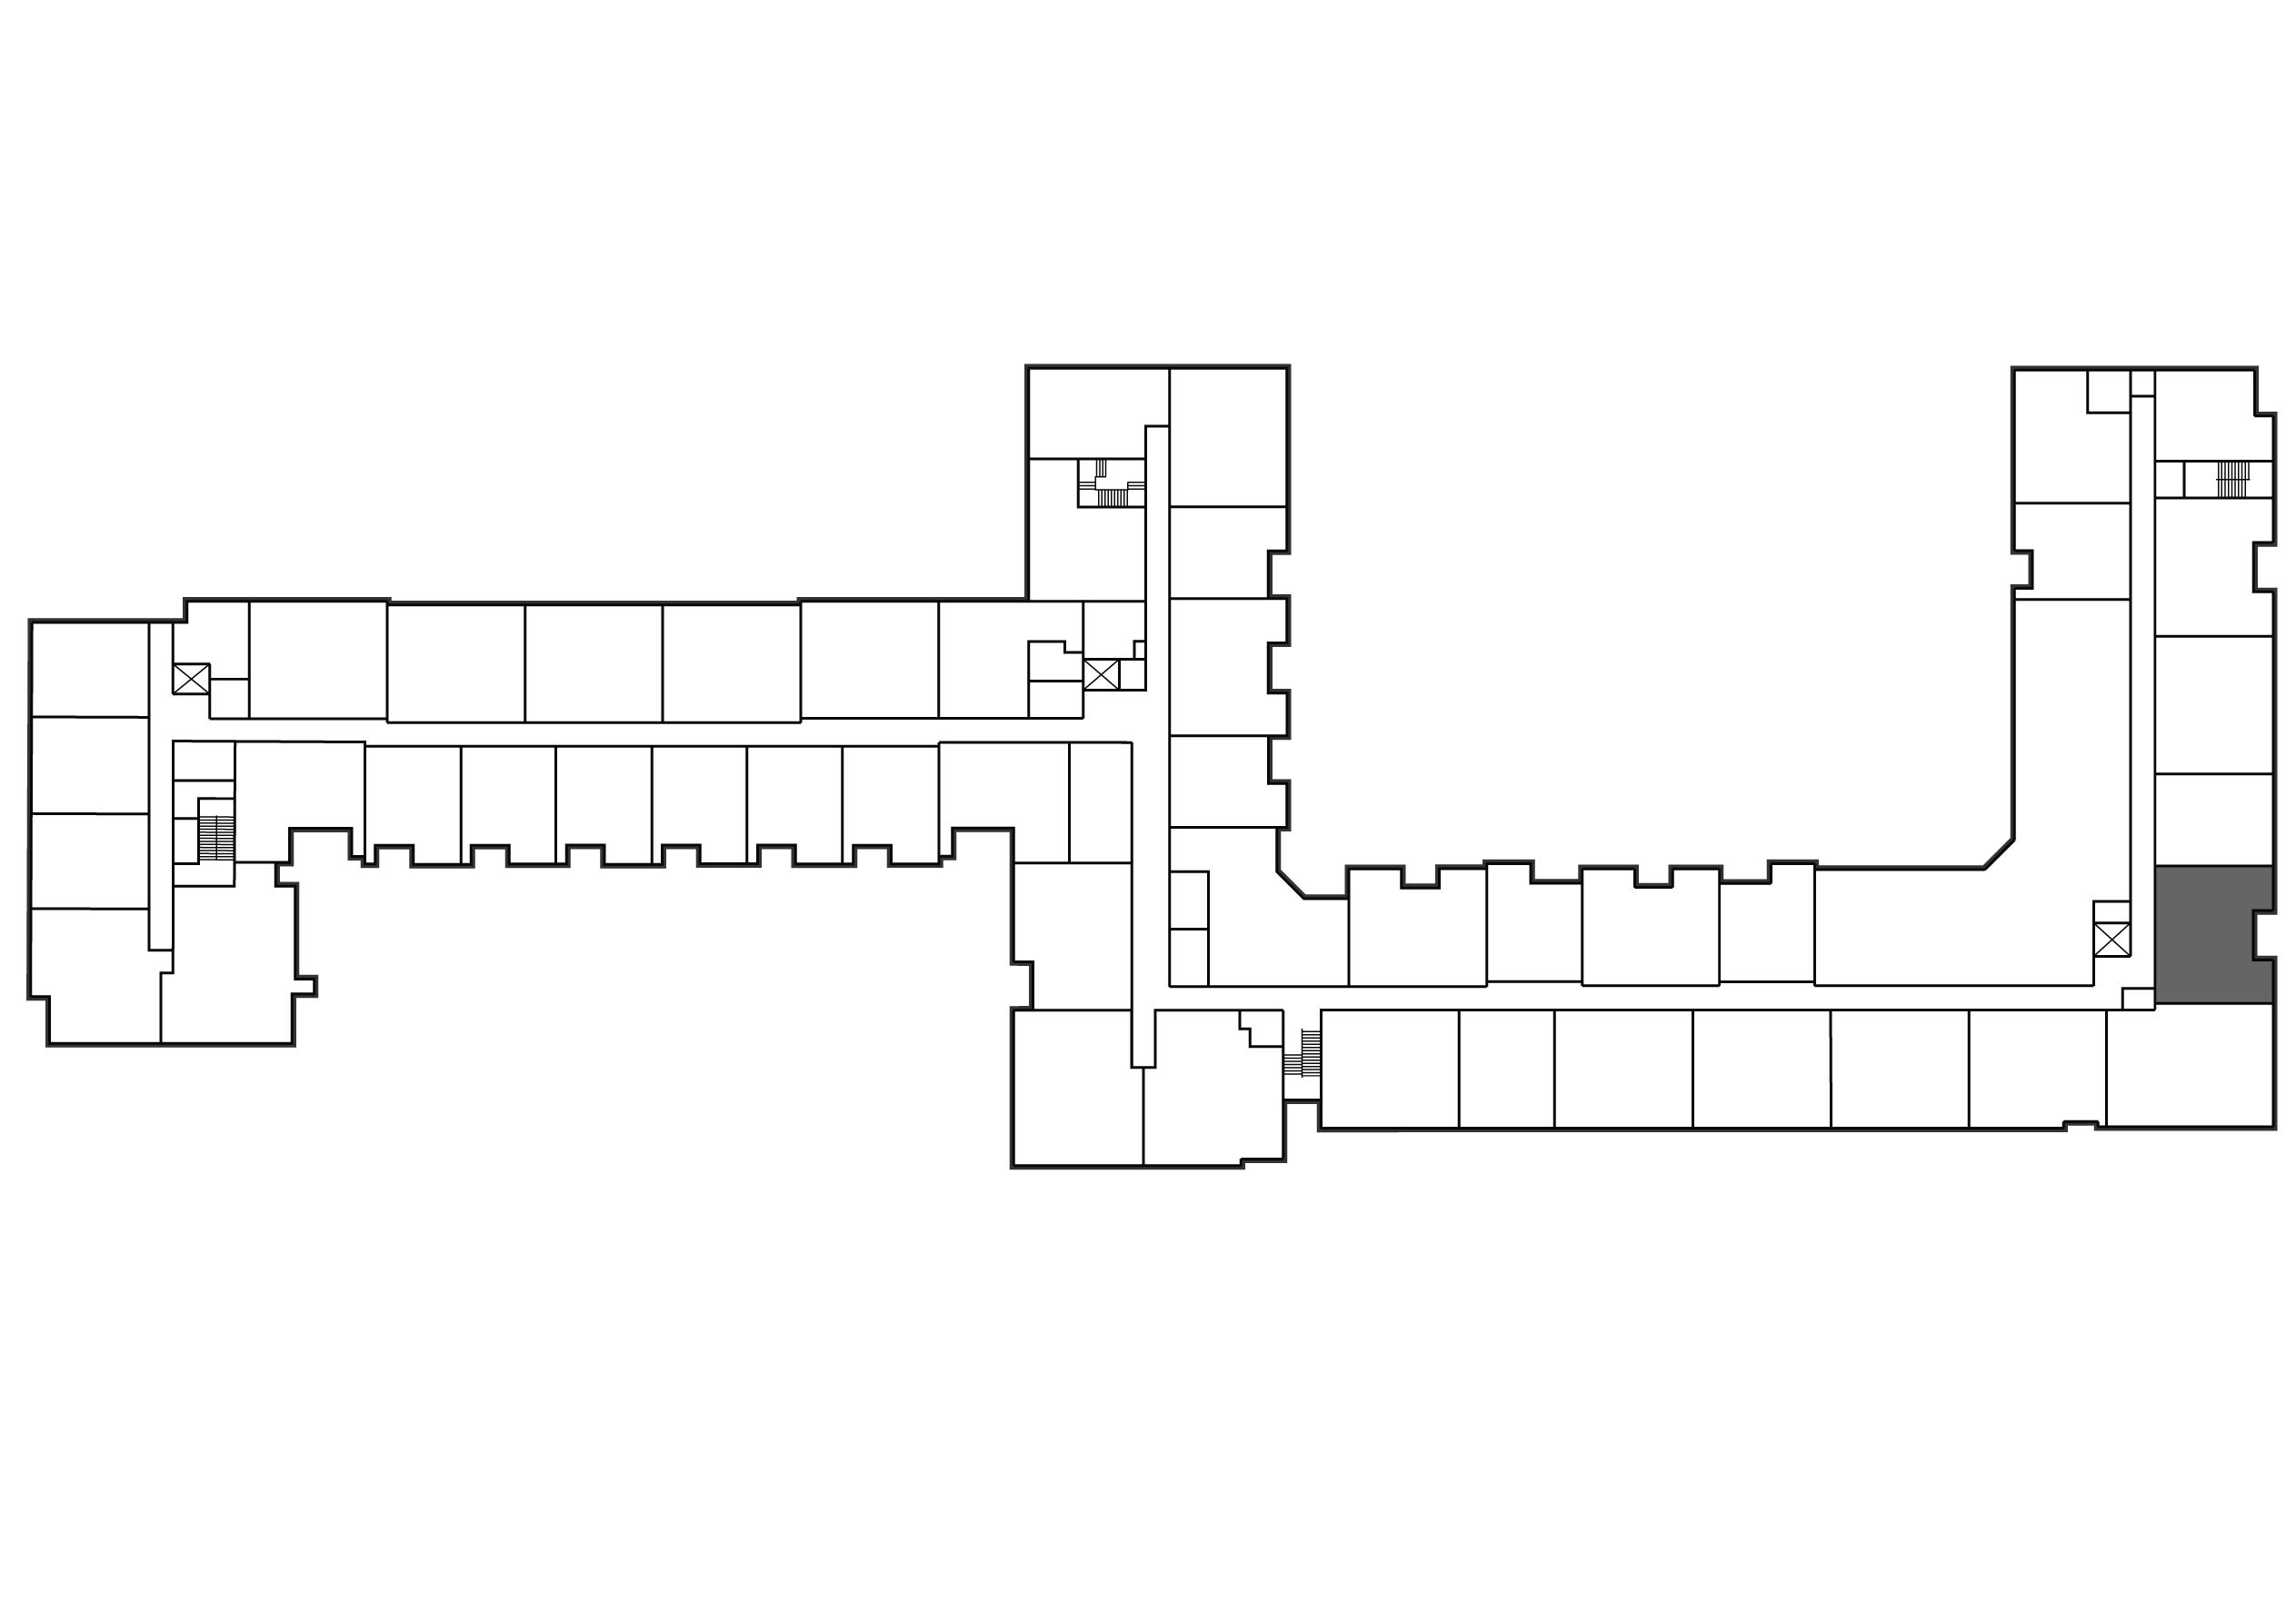 Unit 1240 keyplan